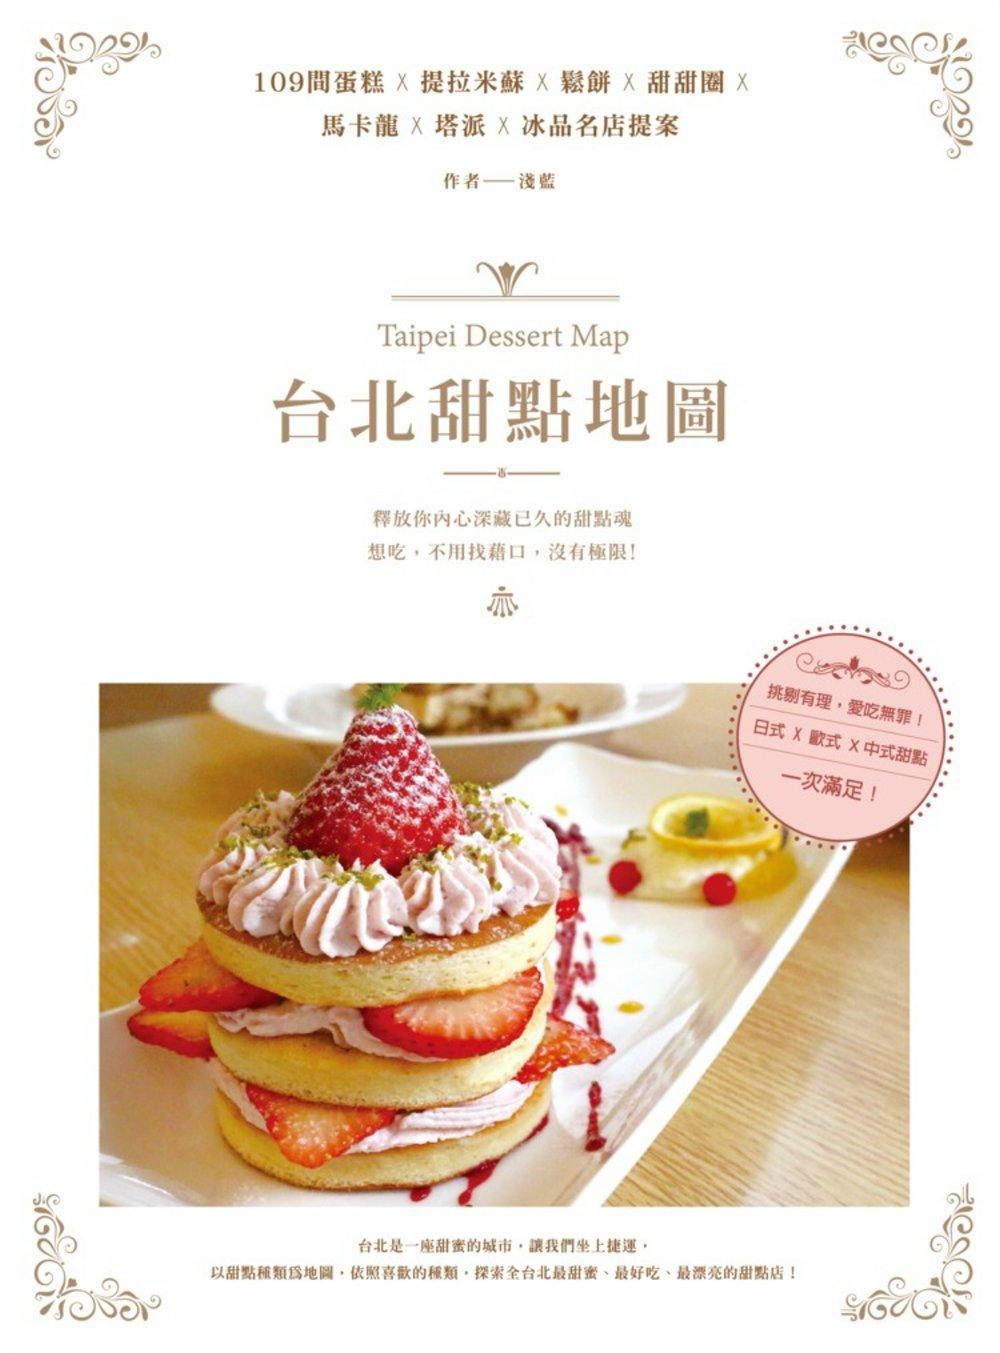 台北甜點地圖:109間蛋糕X提拉米蘇X鬆餅X甜甜圈X馬卡龍X塔派X冰品名店提案